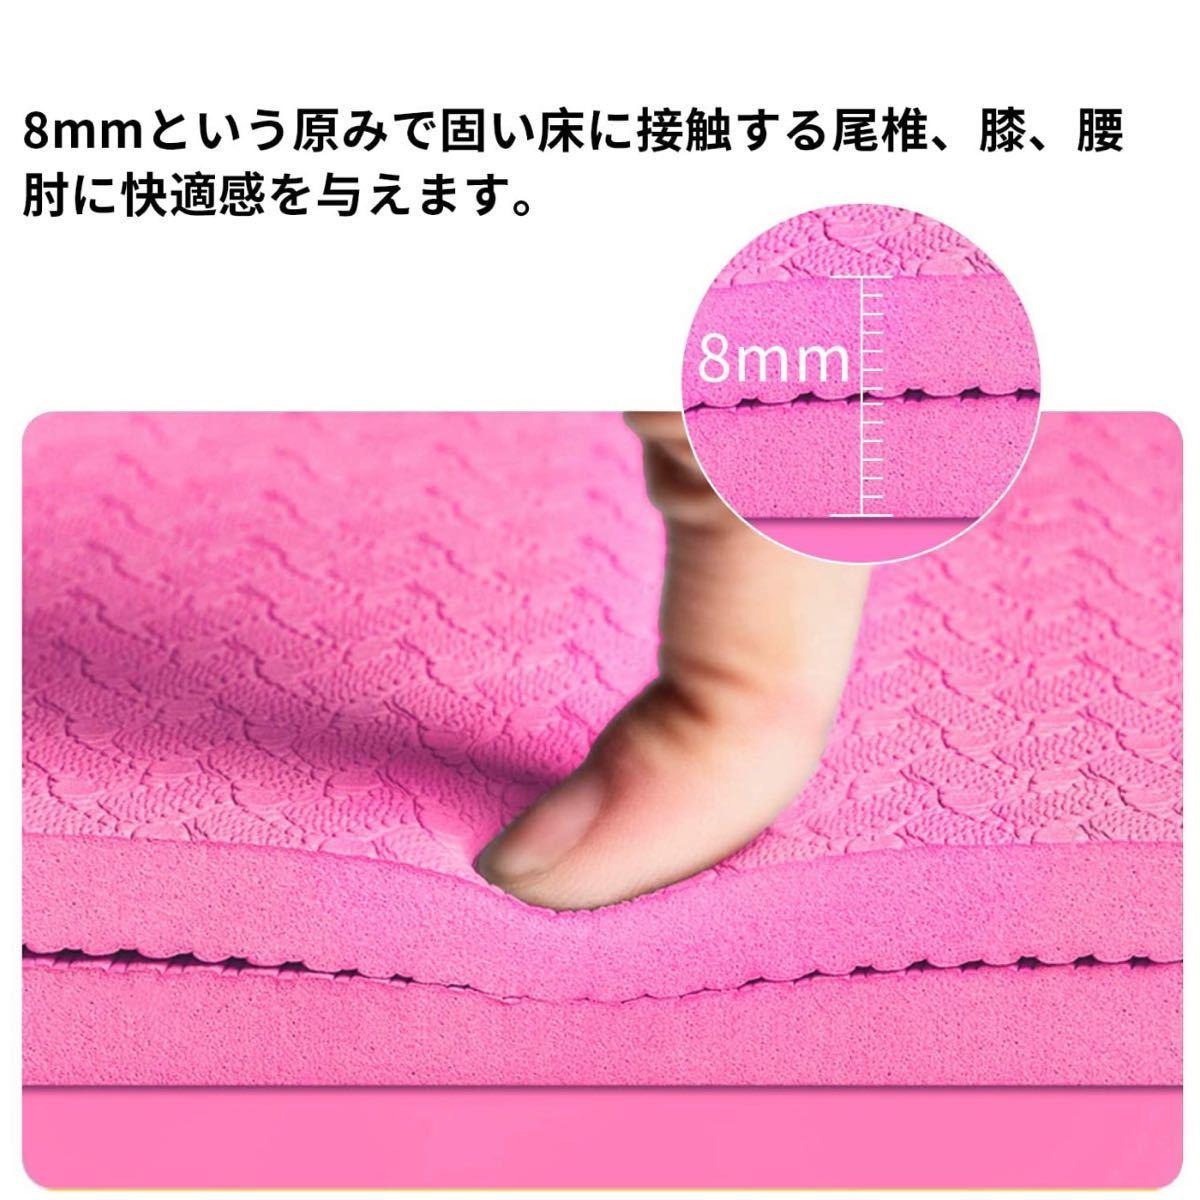 ヨガマット 8mm エクササイズマット ピンク